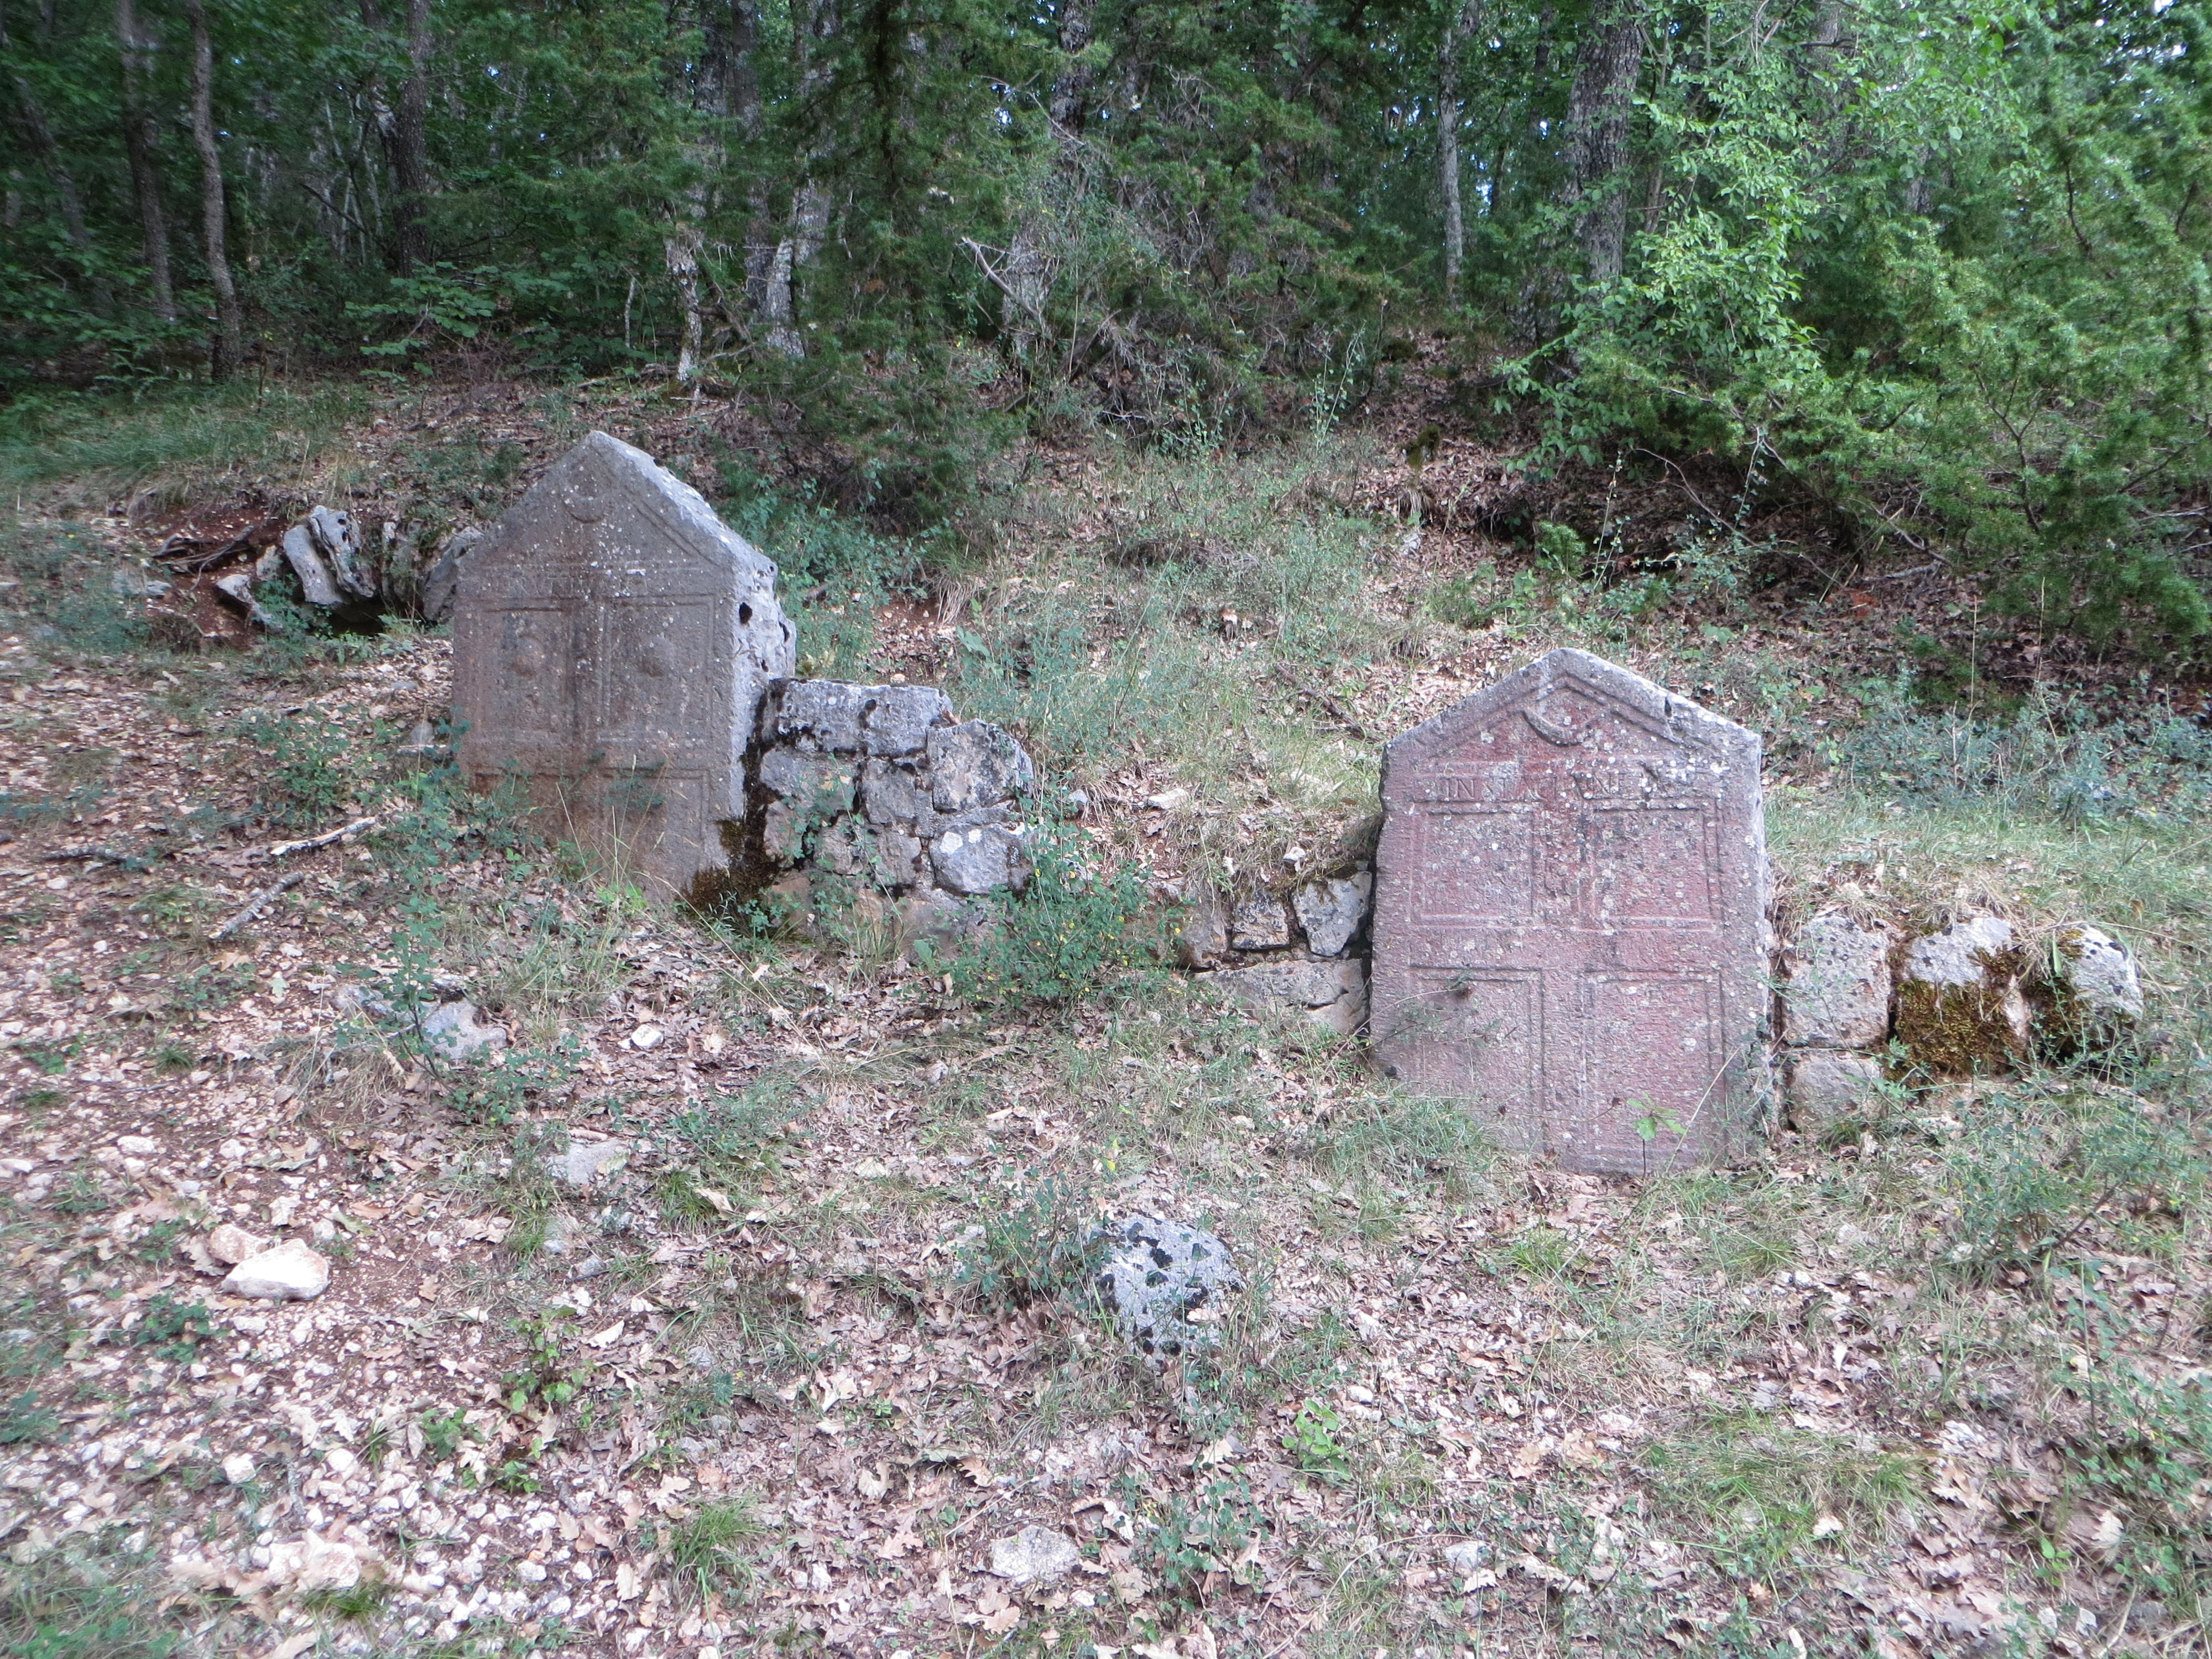 Alla scoperta della Valle d'Amplero e delle tombe degli antichi guerrieri marsi